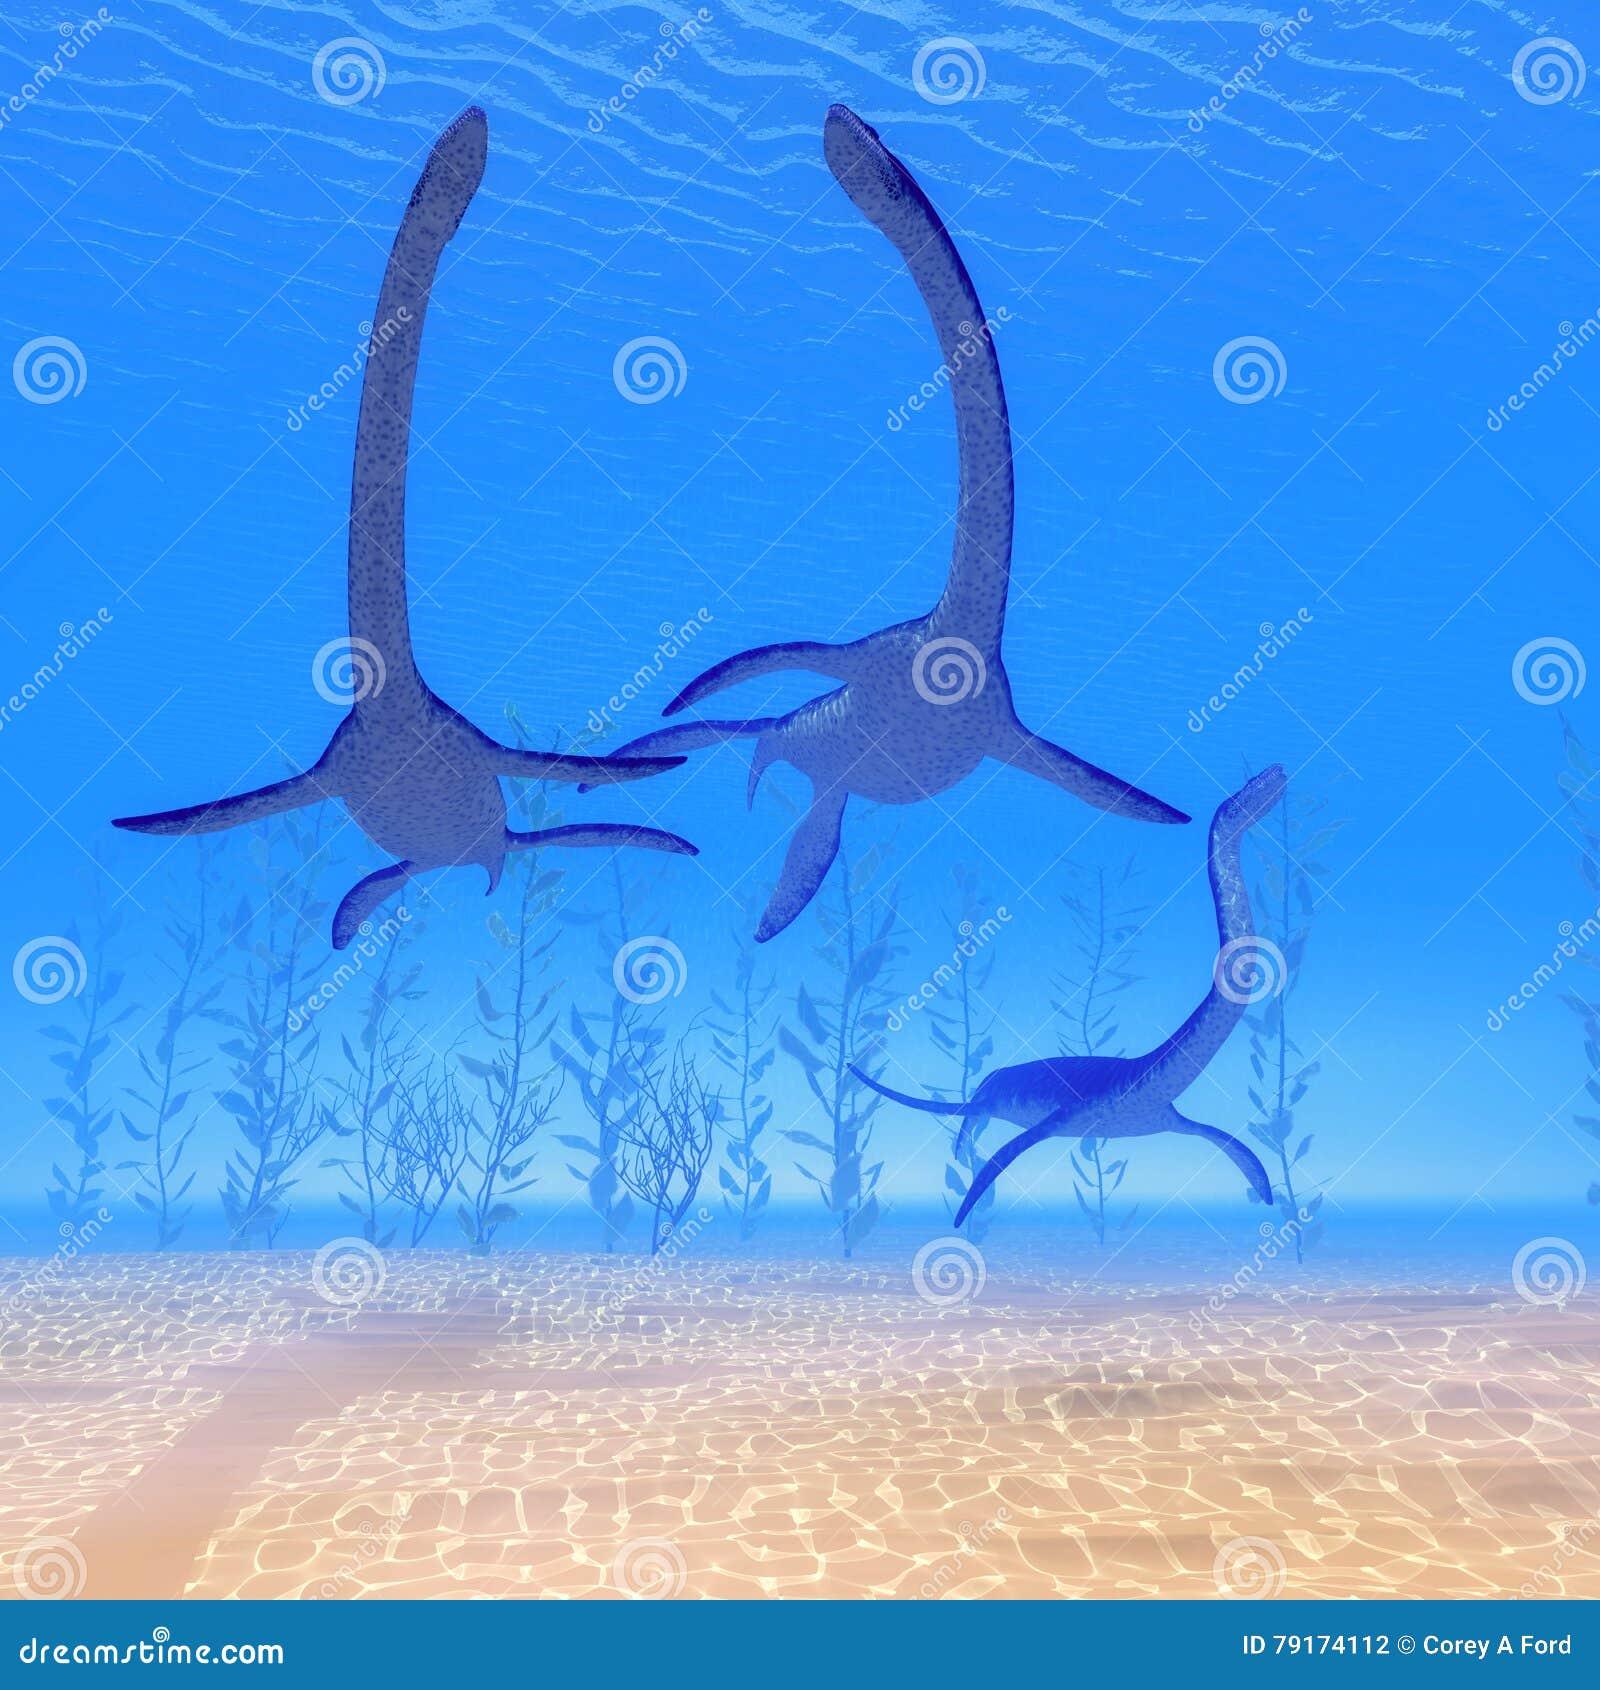 海里蛇颈龙的爬行动物图片